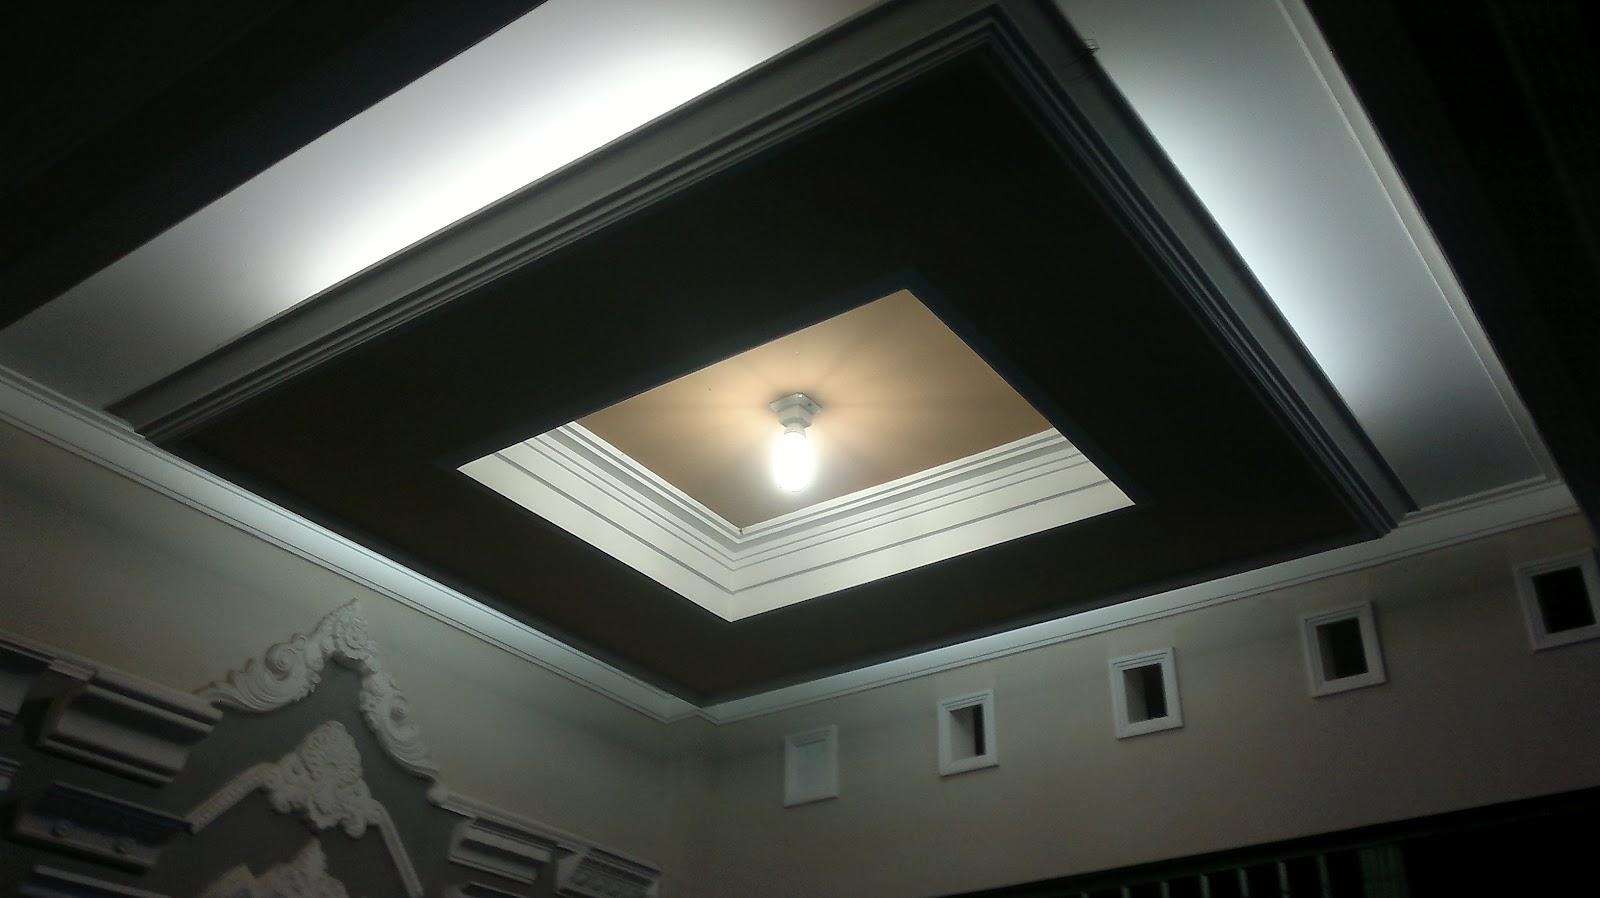 harga pasang atap baja ringan bogor pemasangan dan plafon gypsum cikarang ...